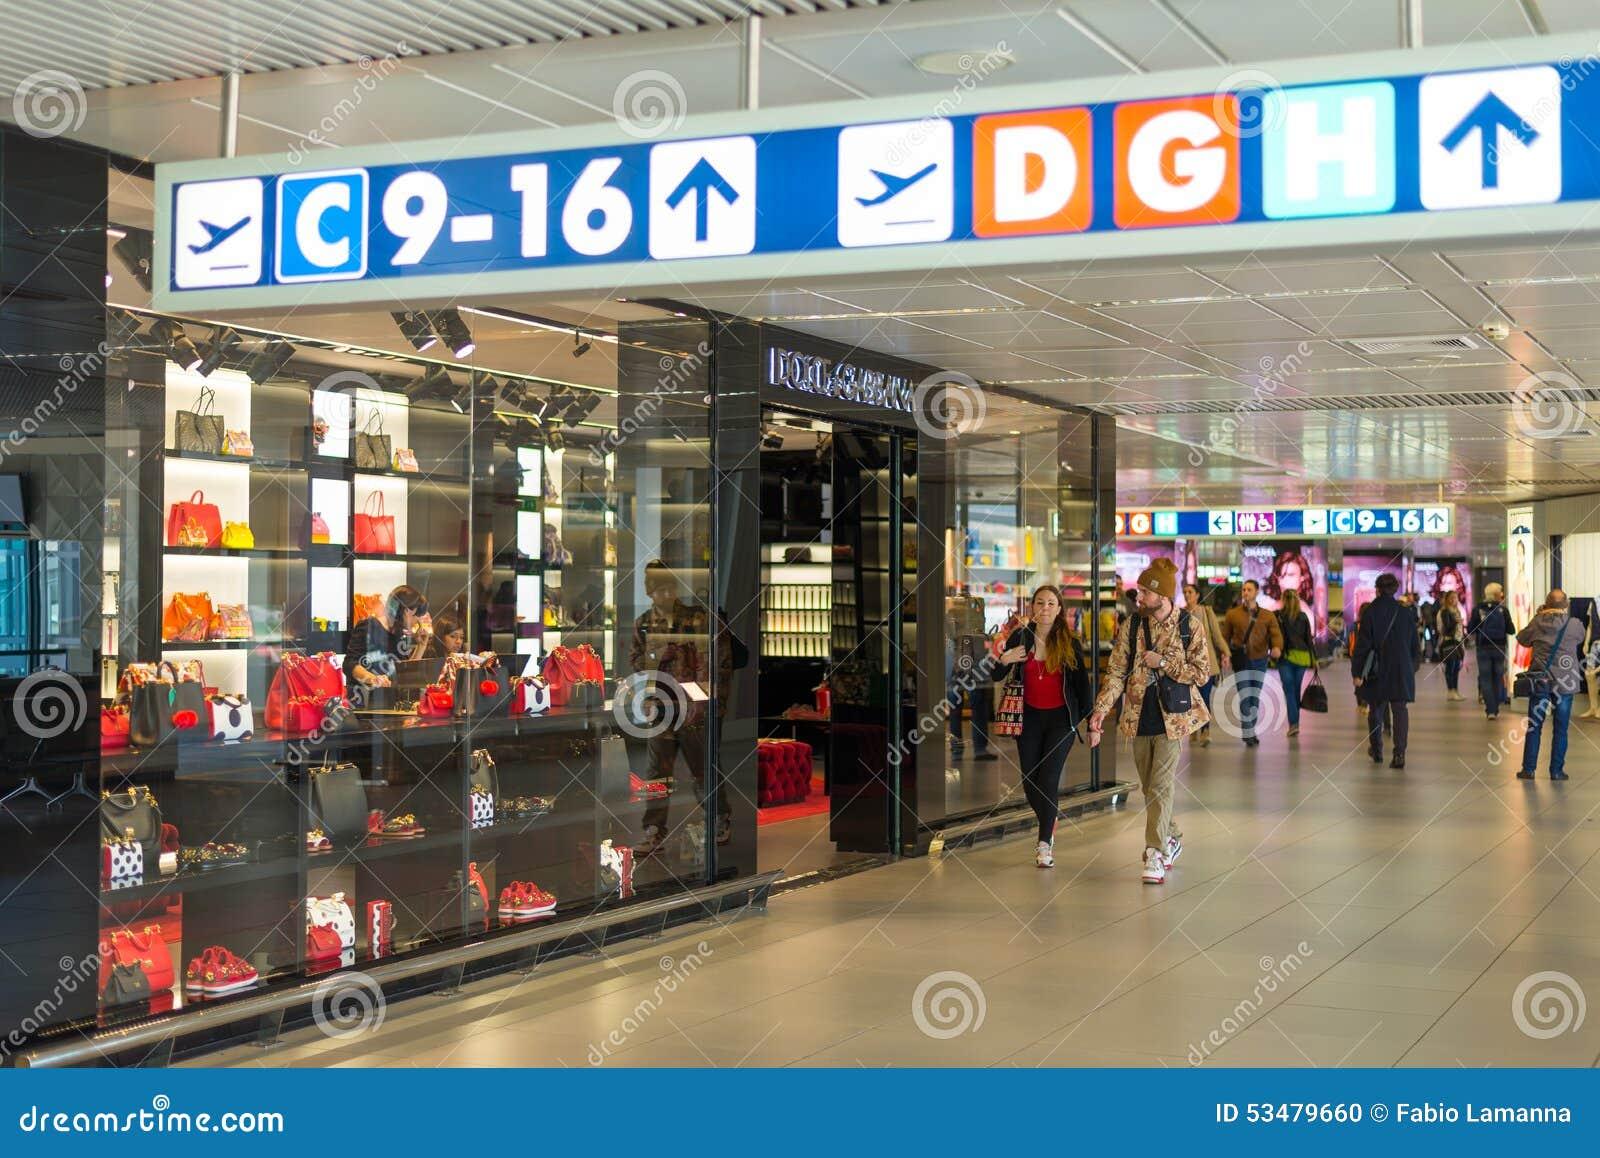 Free shop aeroporto leonardo da vinci